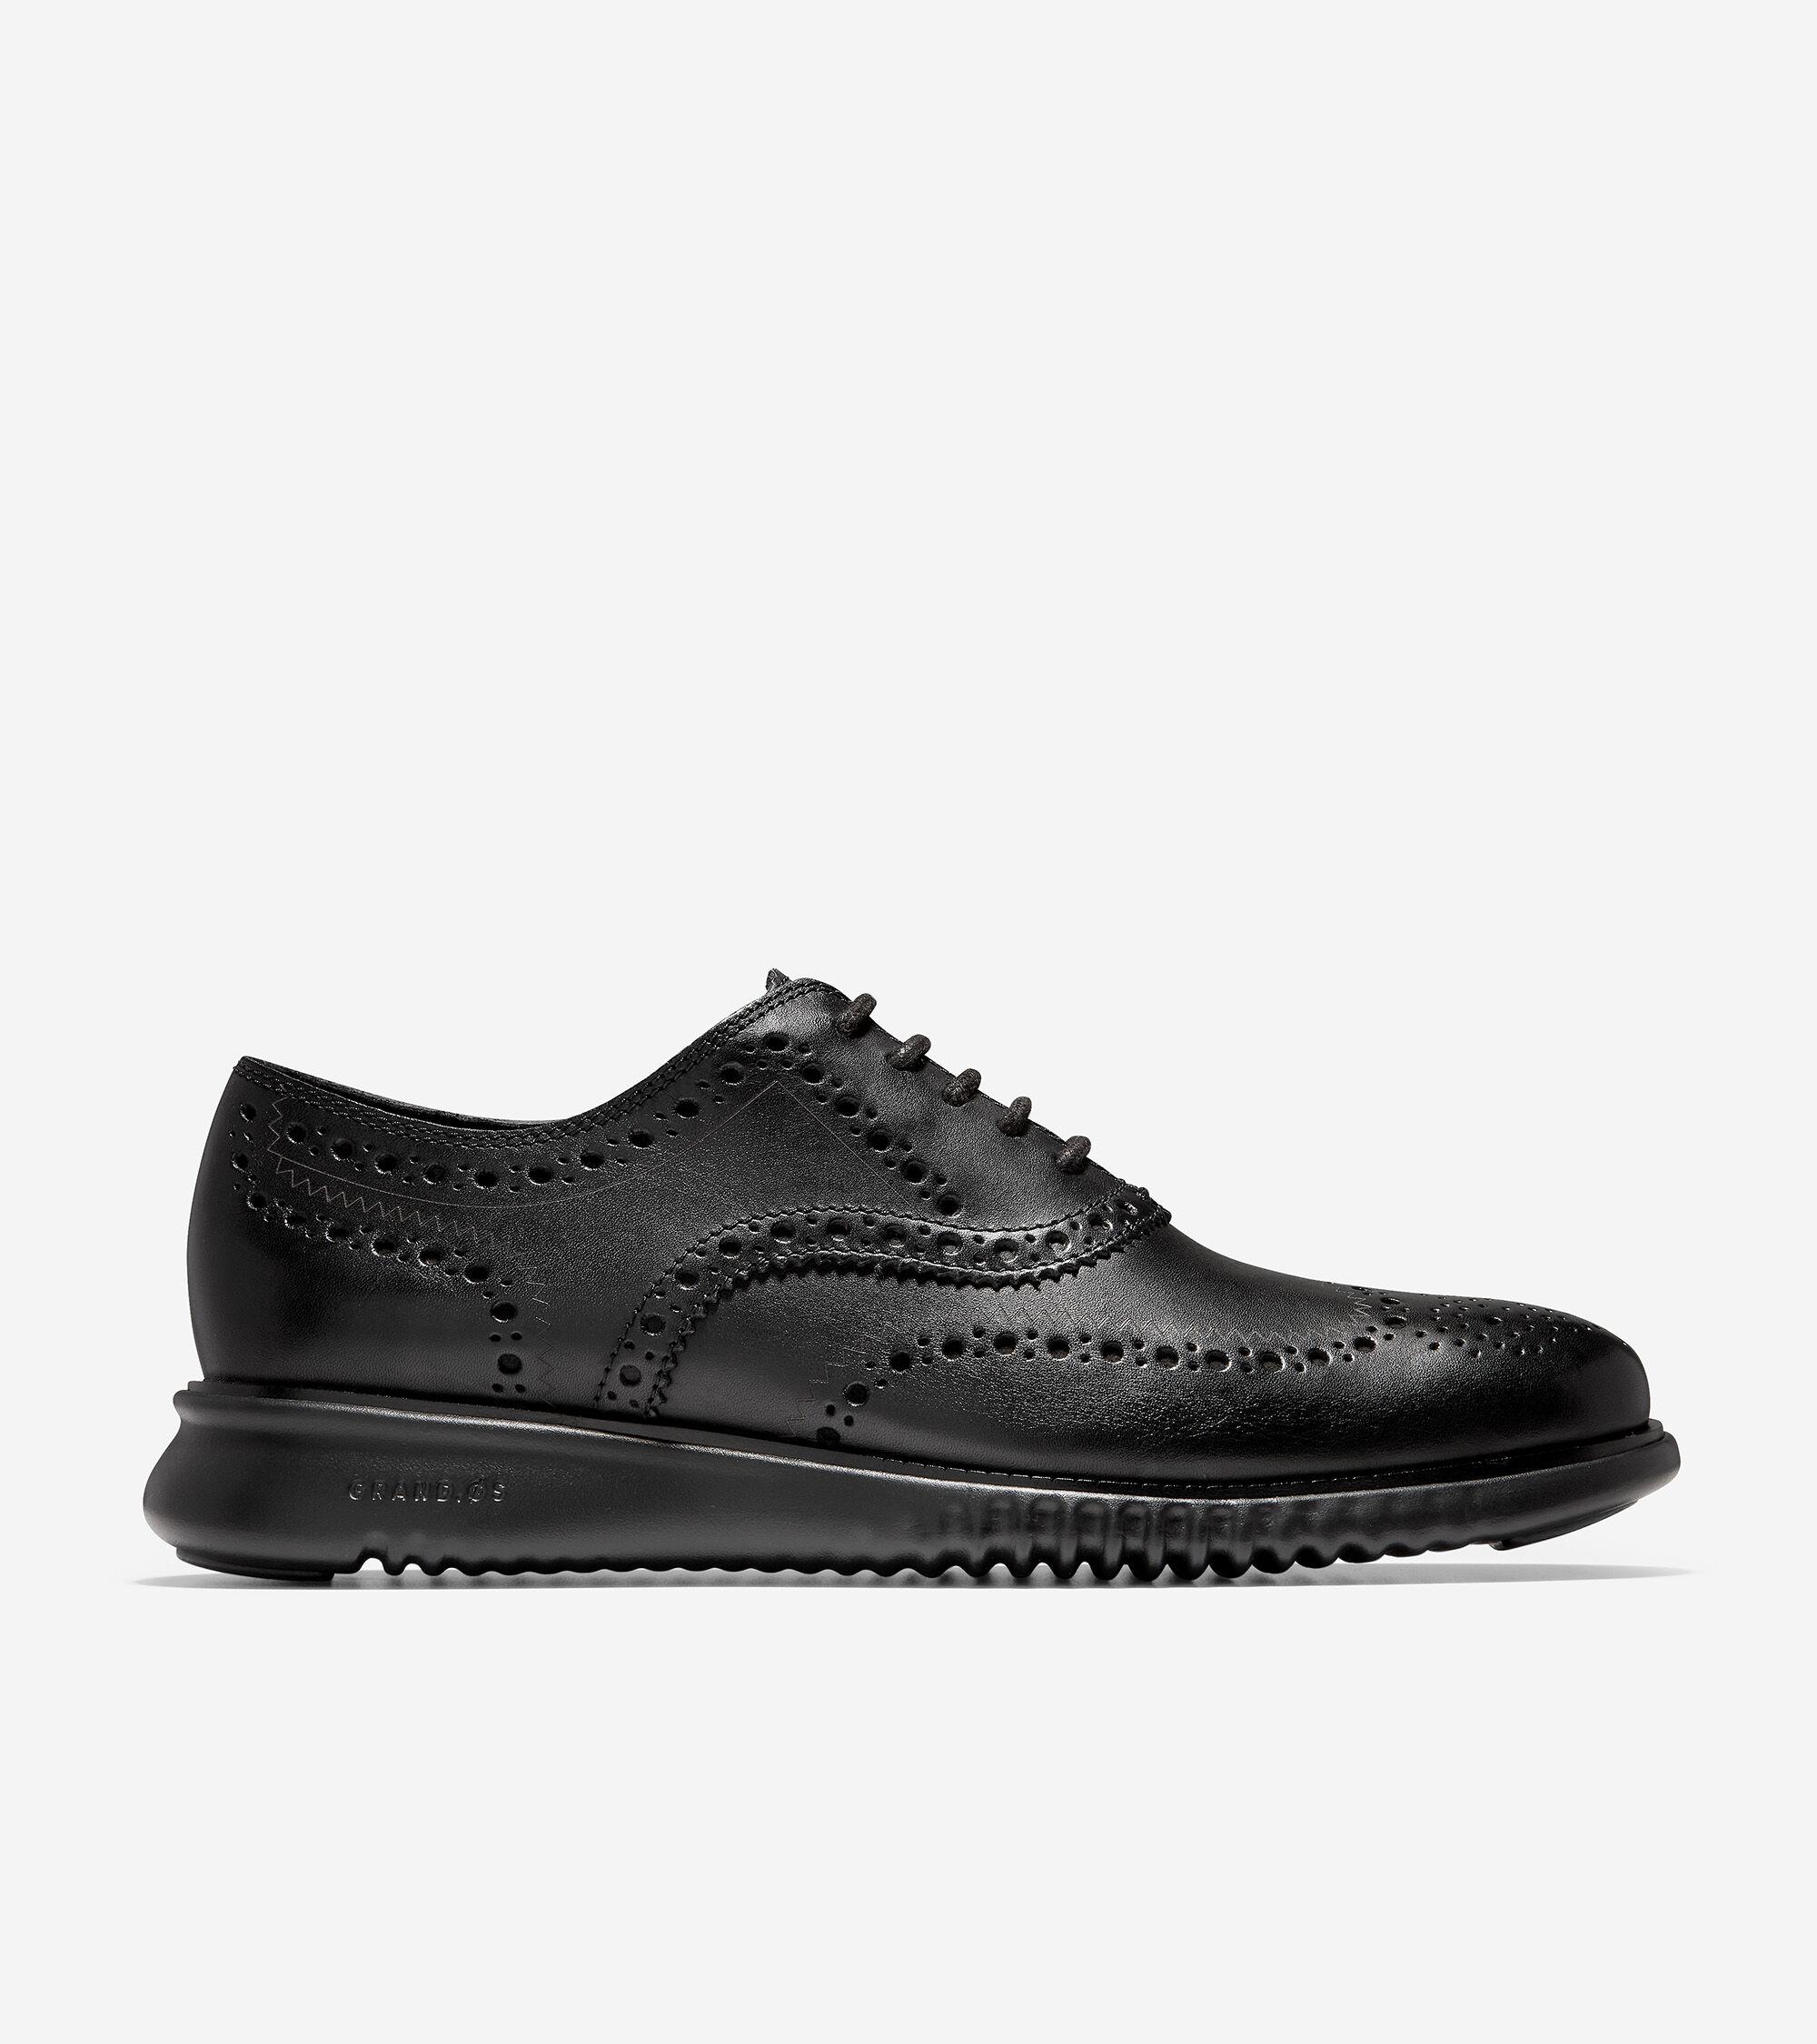 Wingtip Oxford in Black-Black | Cole Haan